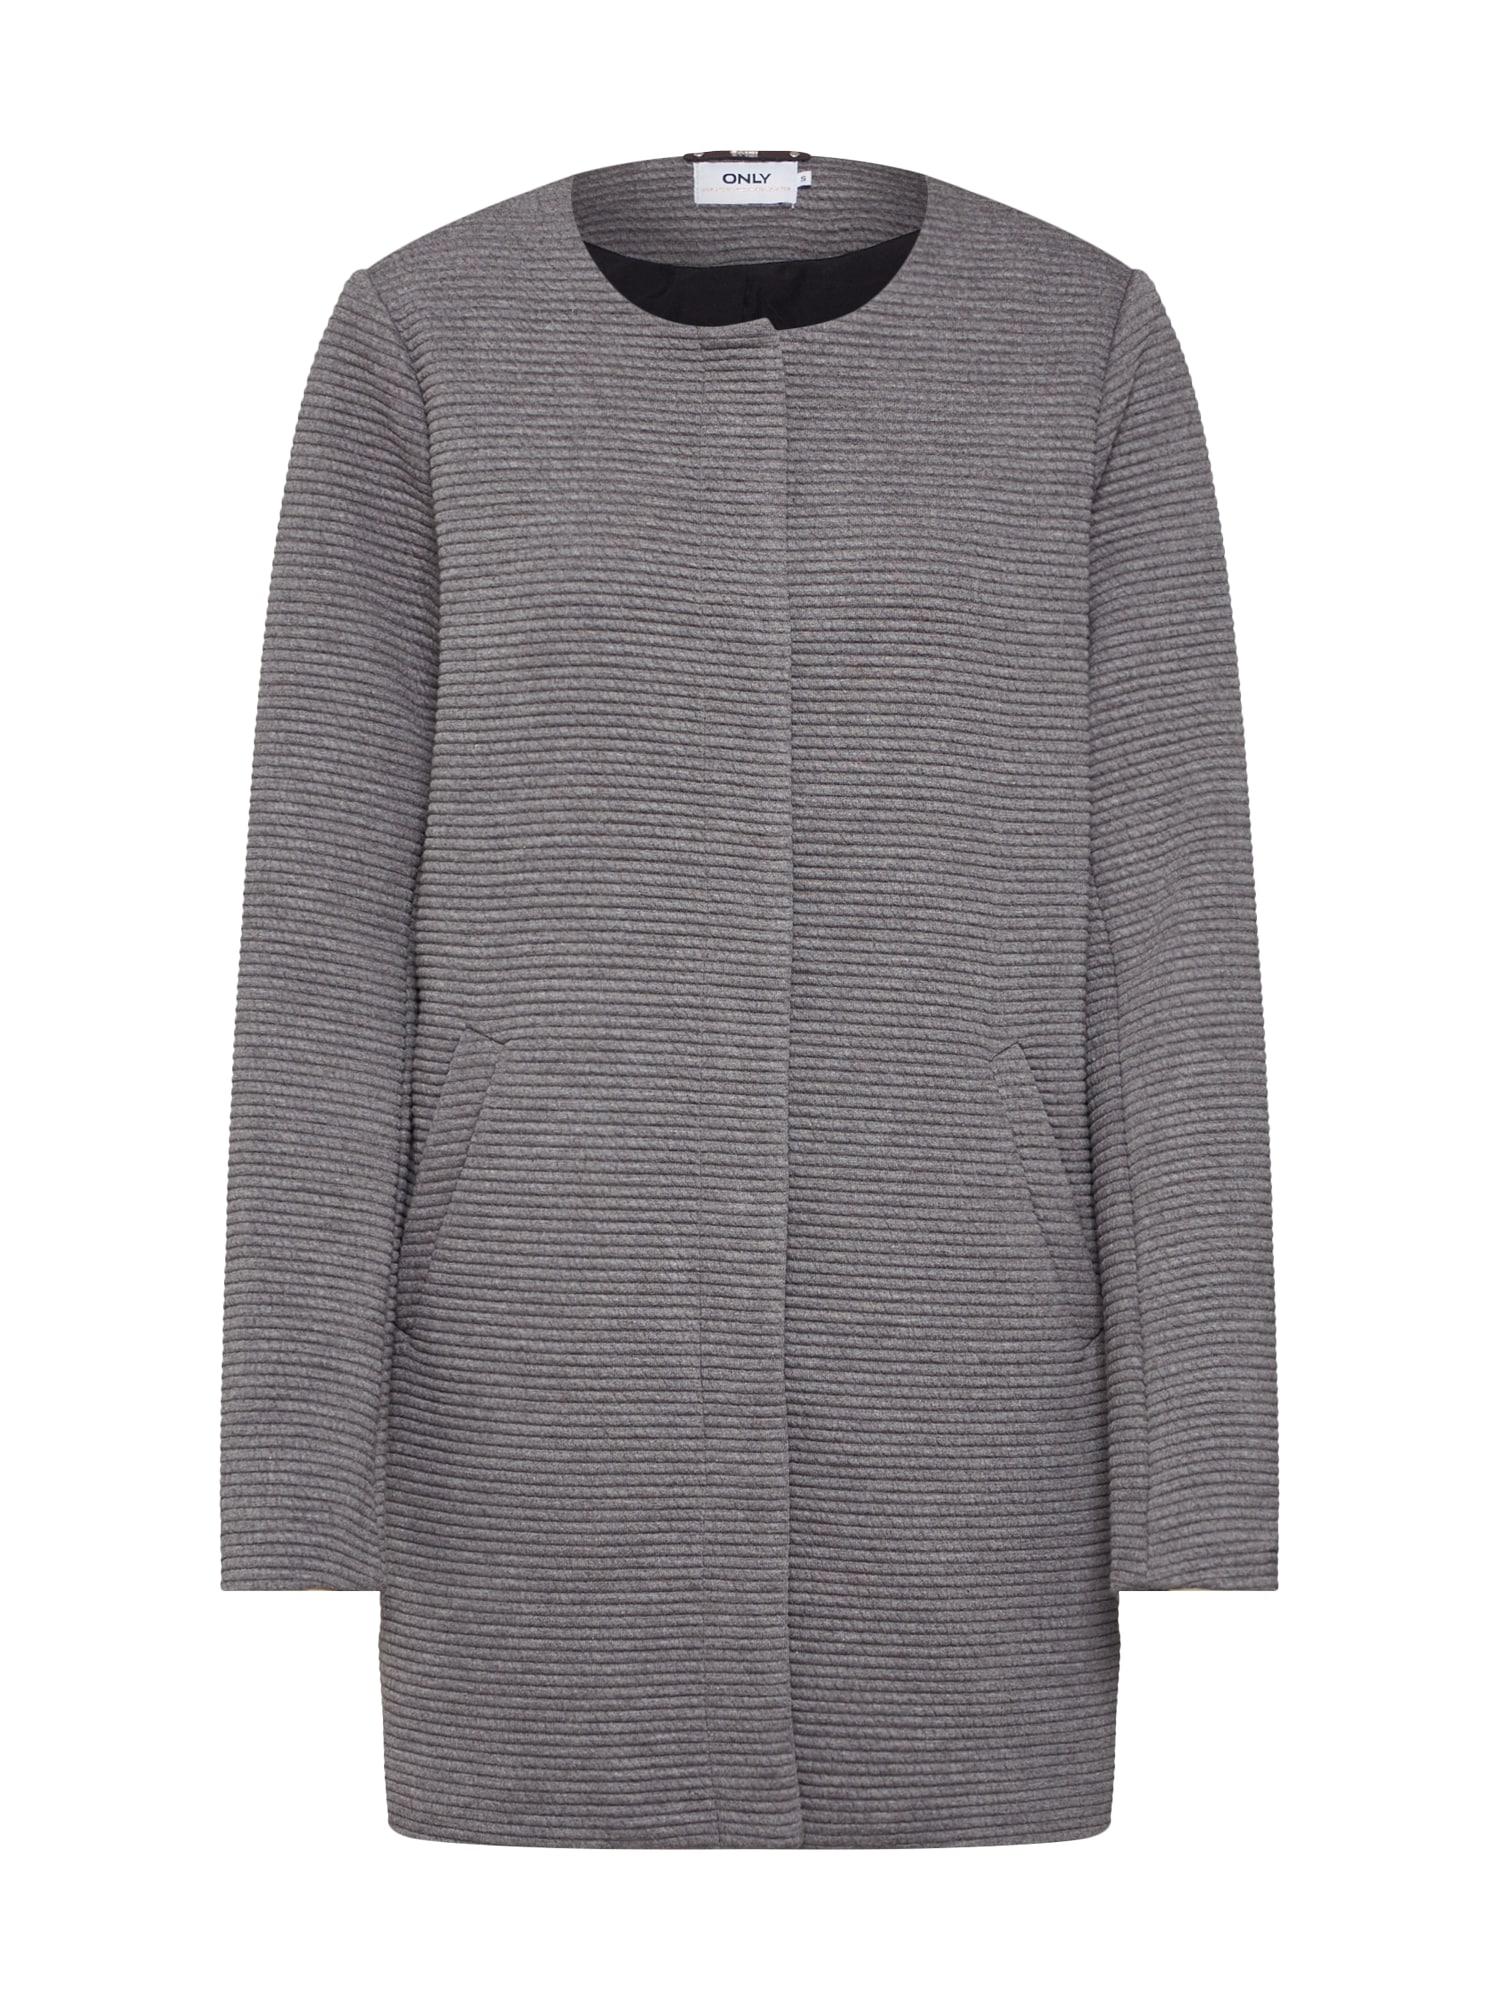 Přechodný kabát Sidney Link Spring šedý melír ONLY